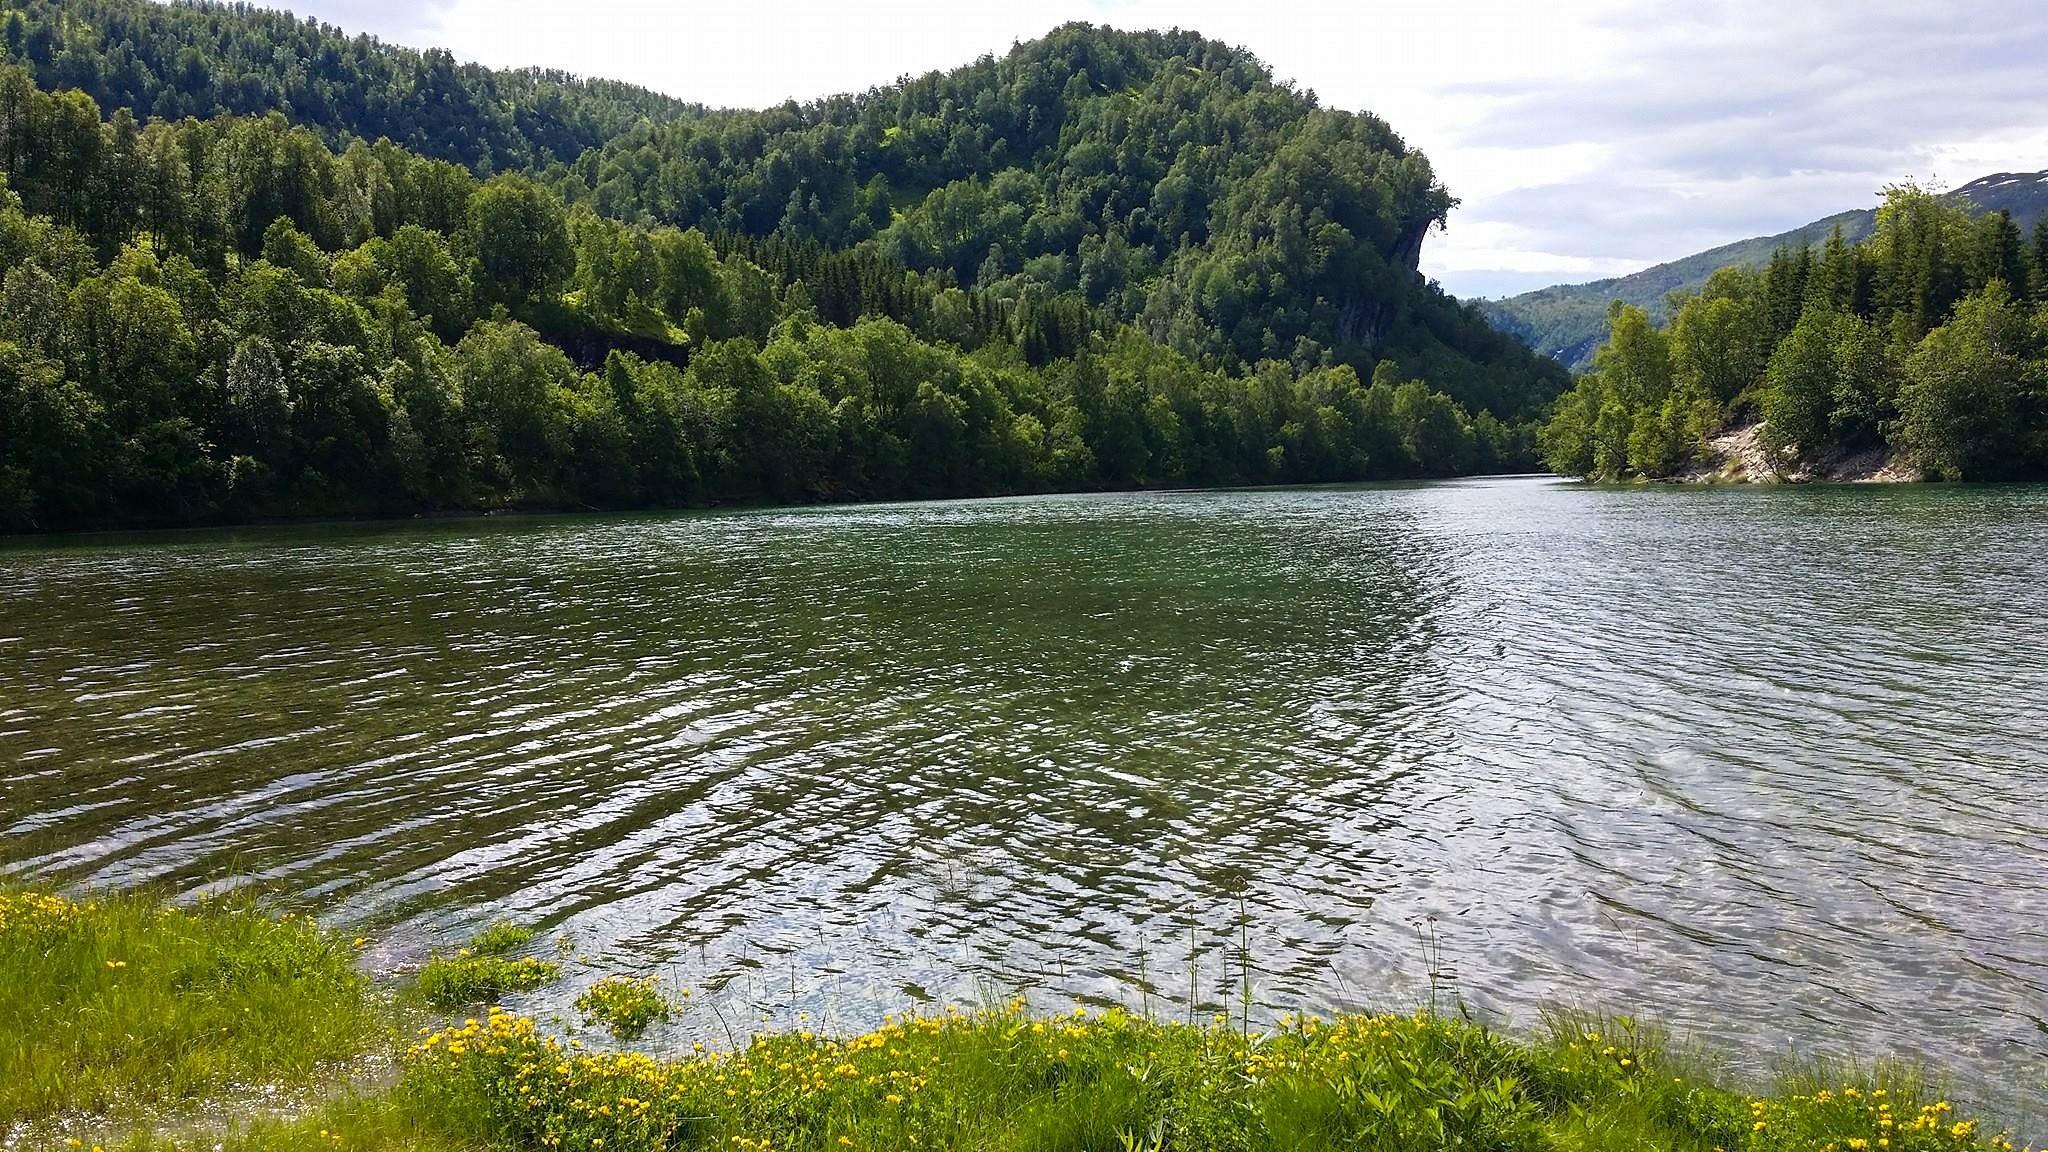 Startpunktet for padleturen i Nordfjorden